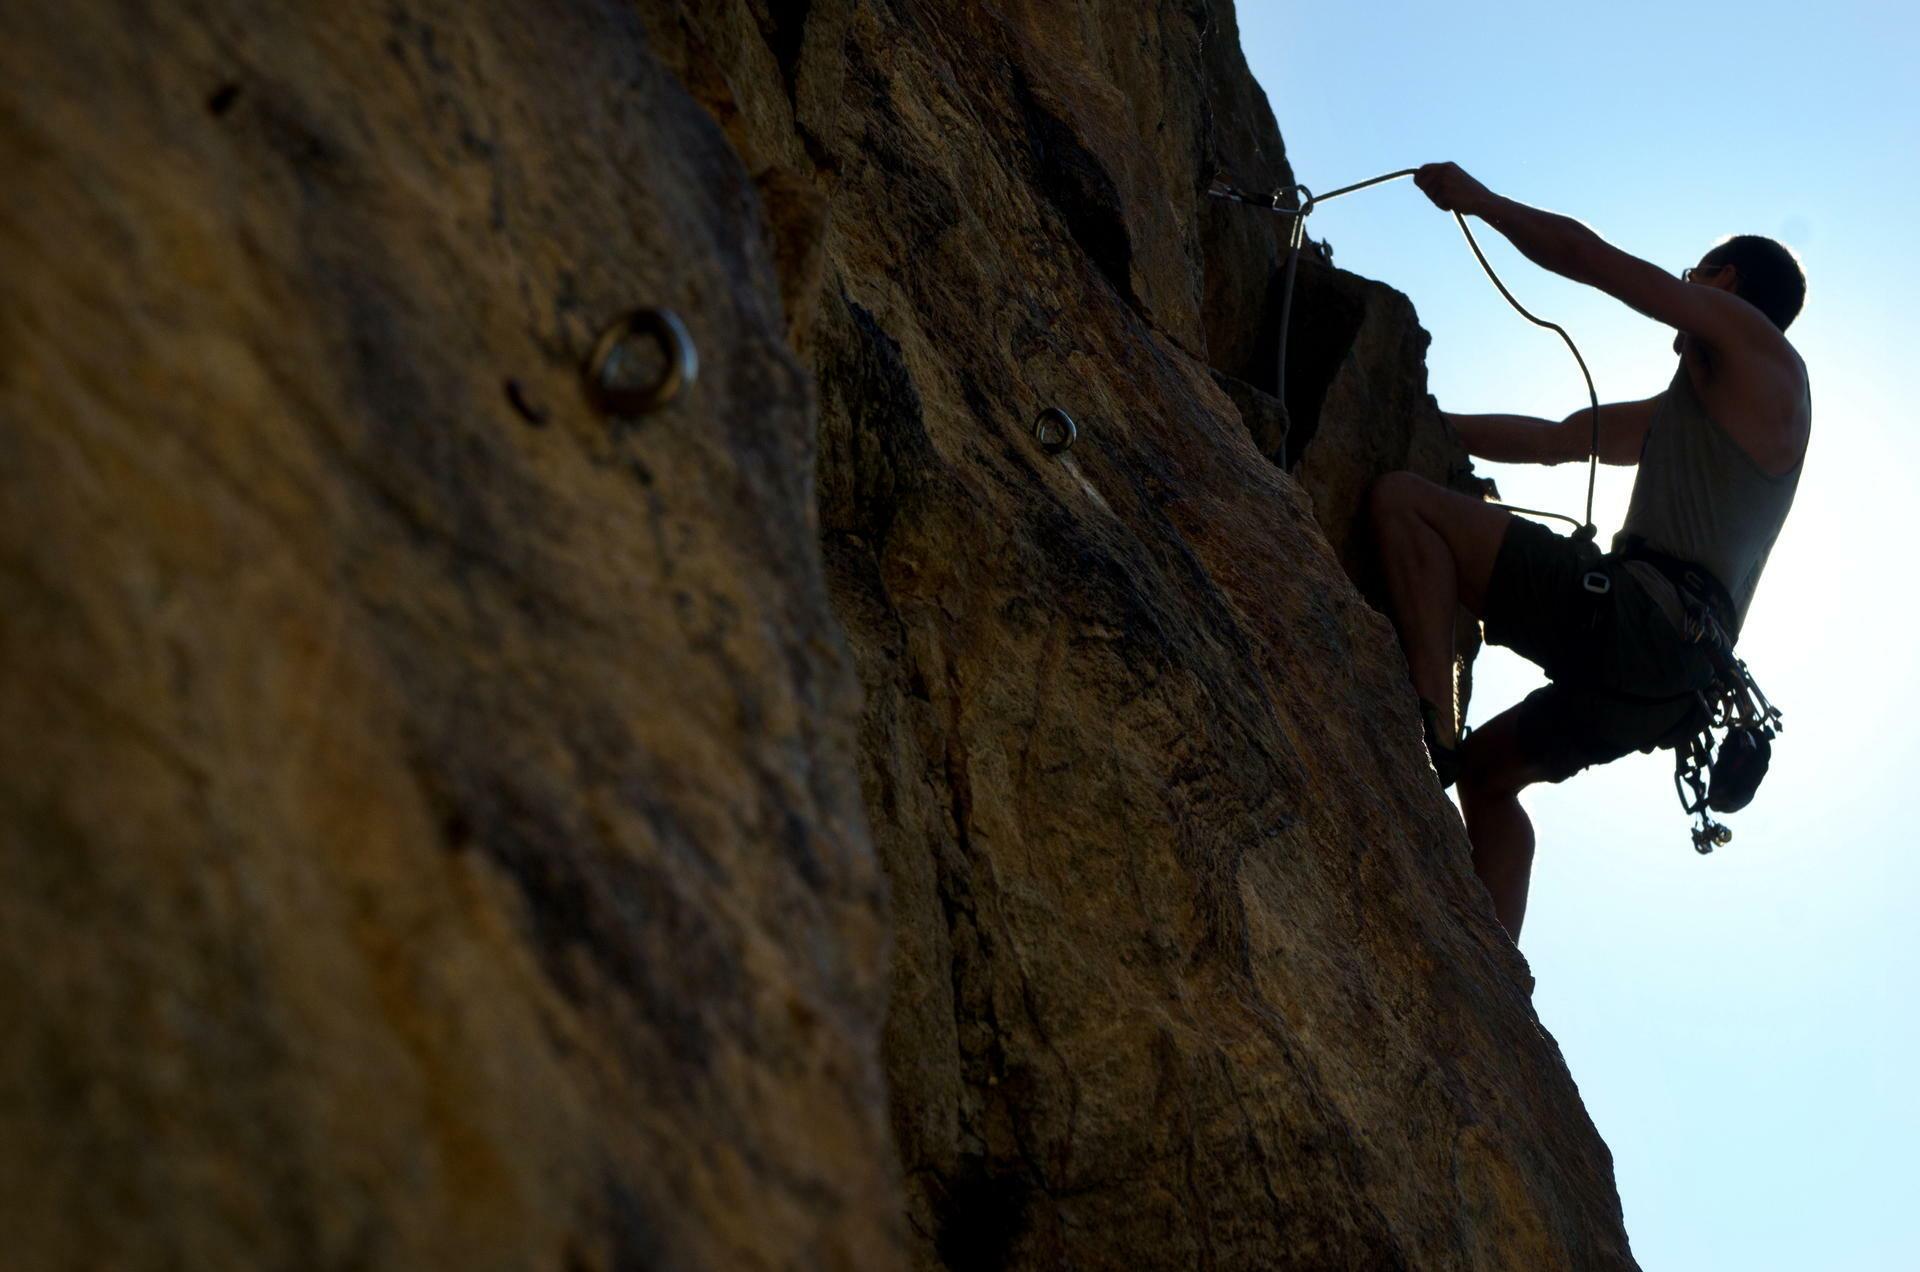 Kletterausrüstung Industrie : Nach tödlichem unfall: edelrid ruft kletterausrüstung zurück